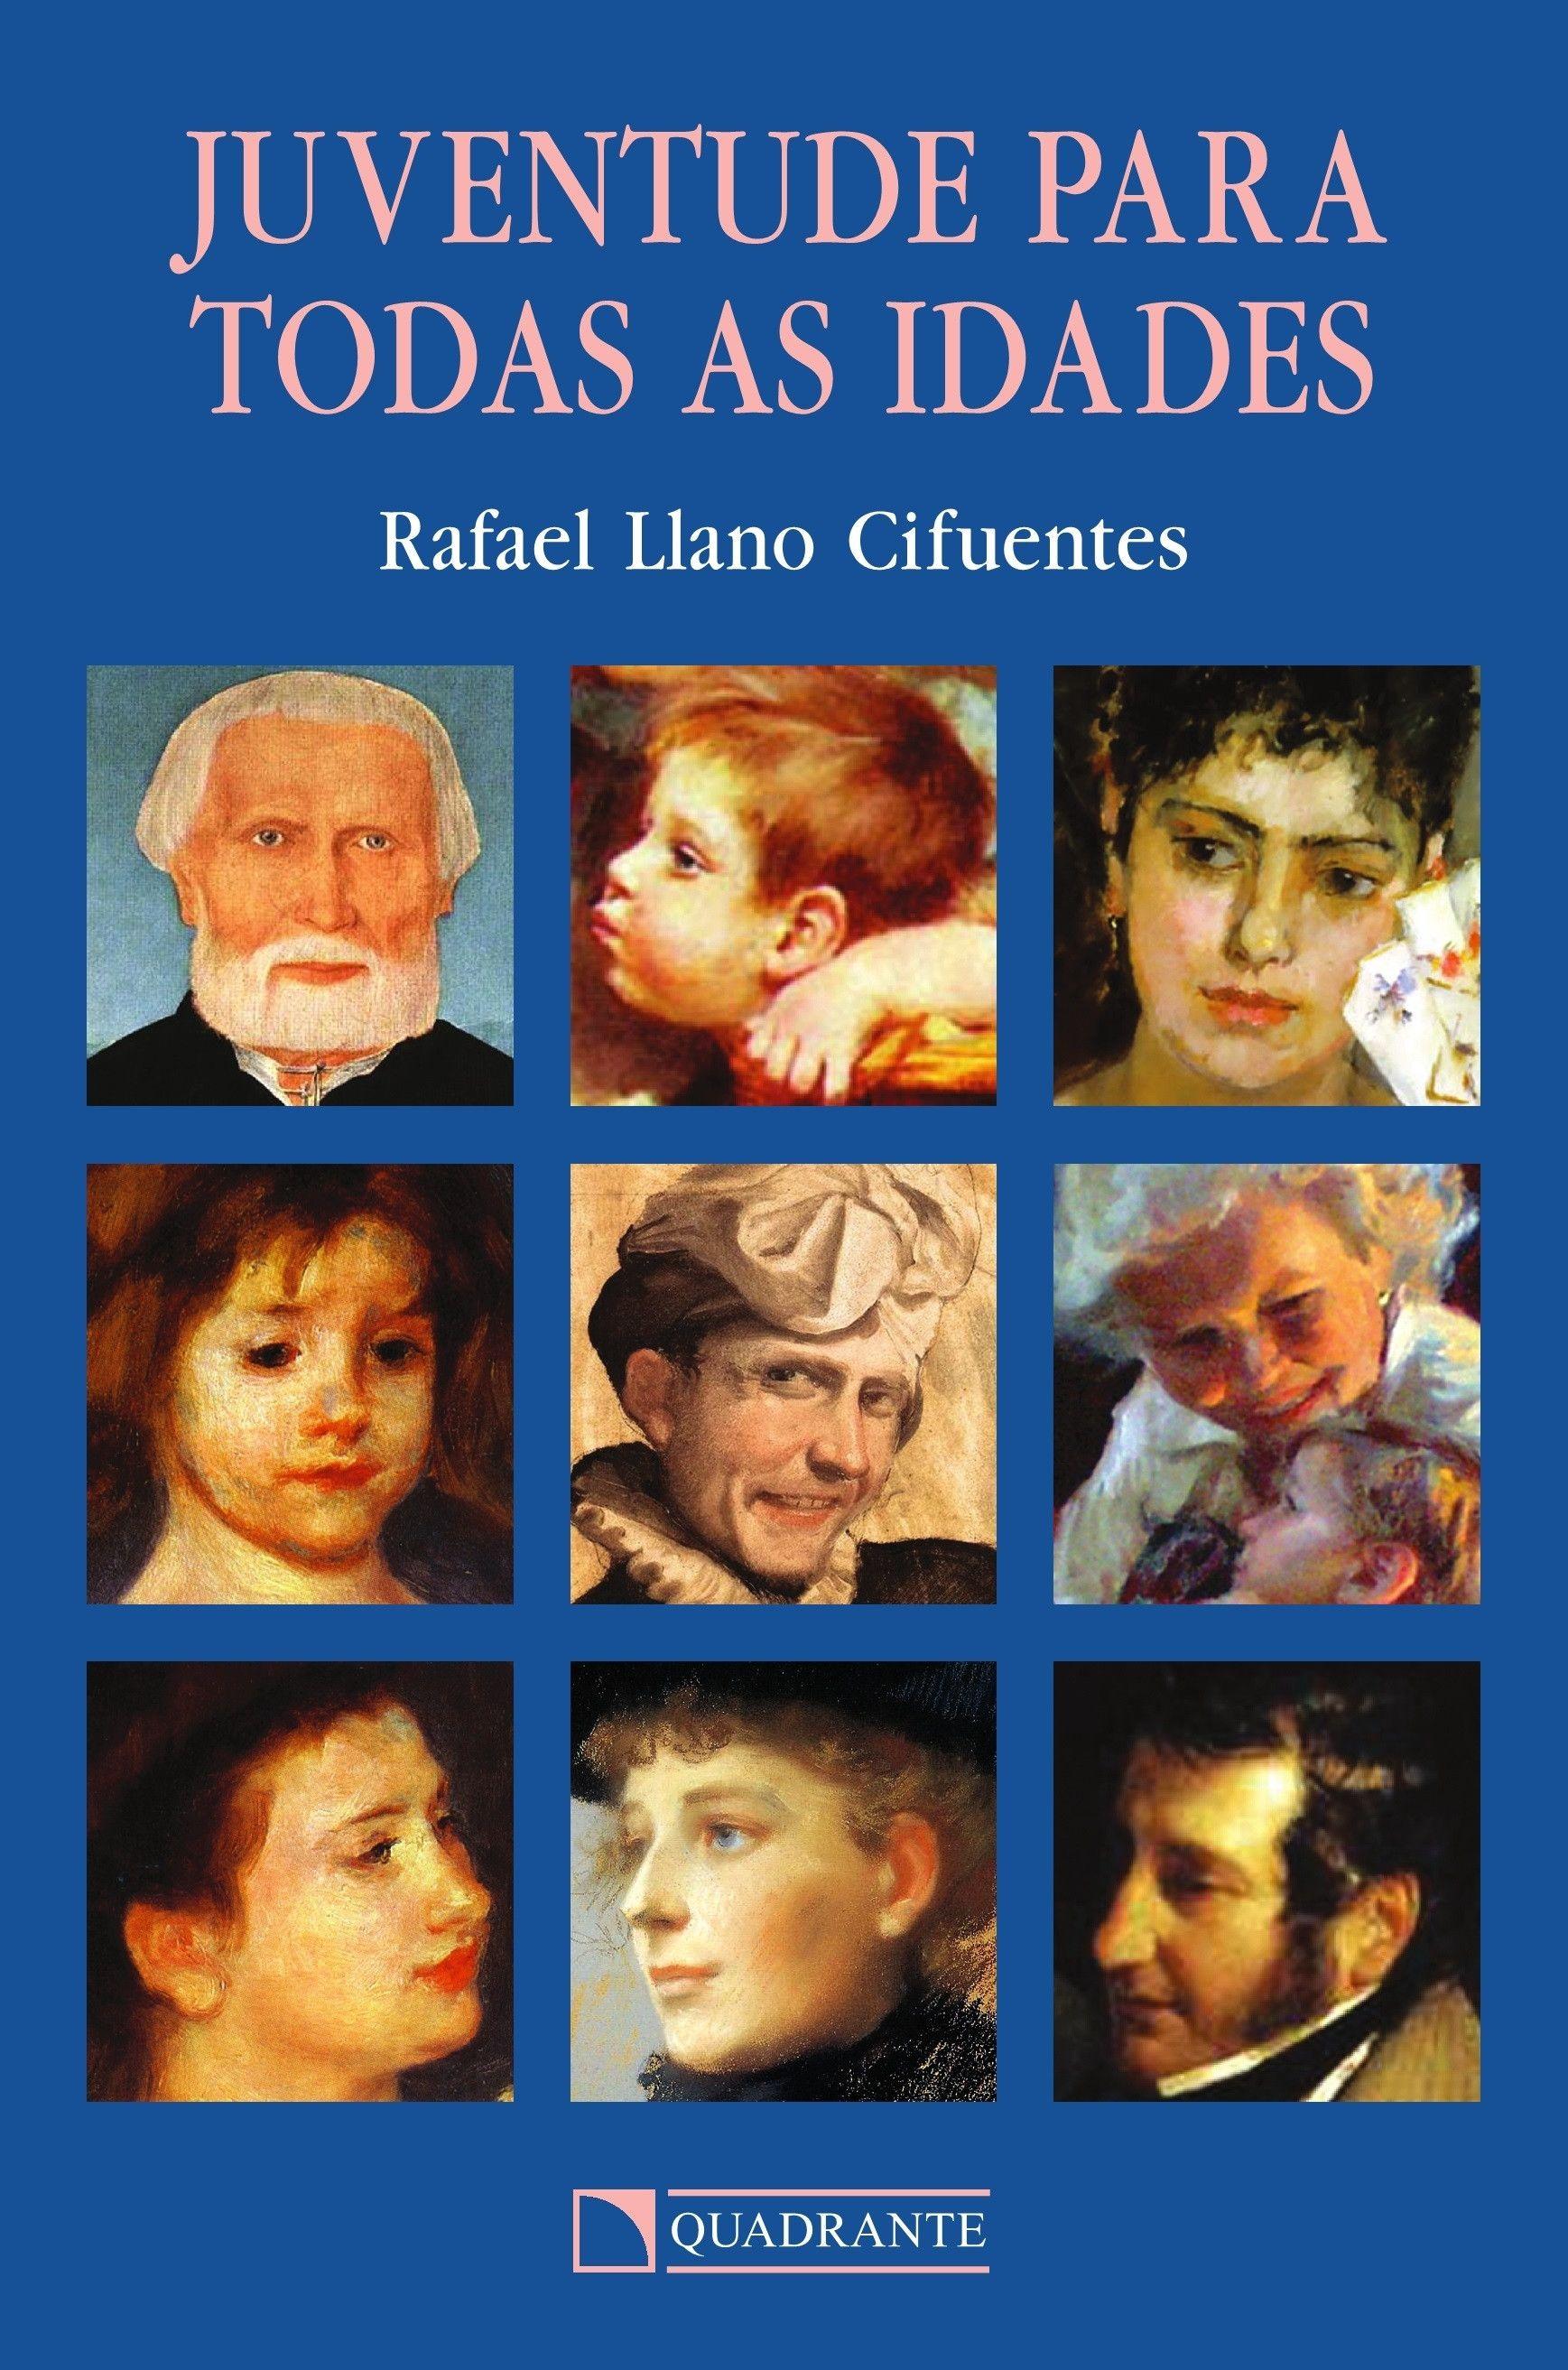 Livro Juventude para todas as idades